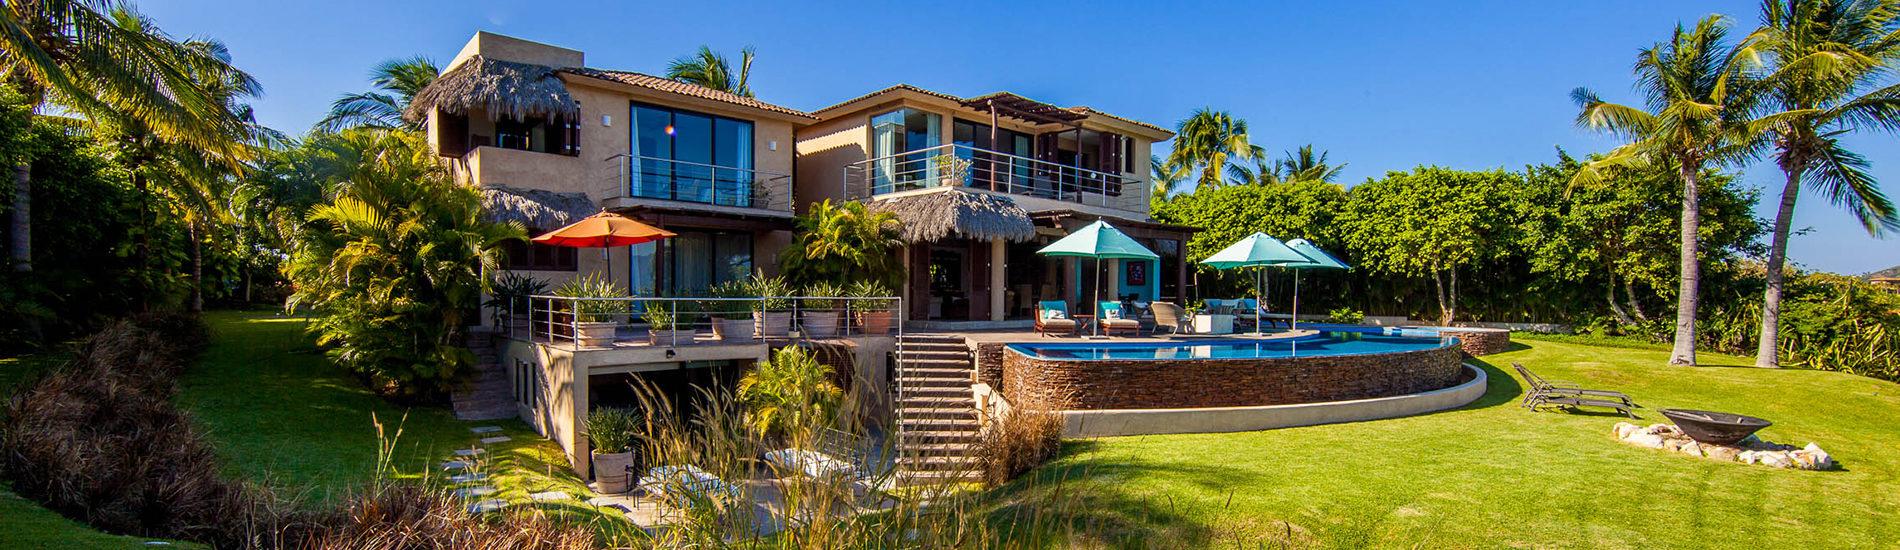 villa lunada - punta mita | journey mexico luxury villas